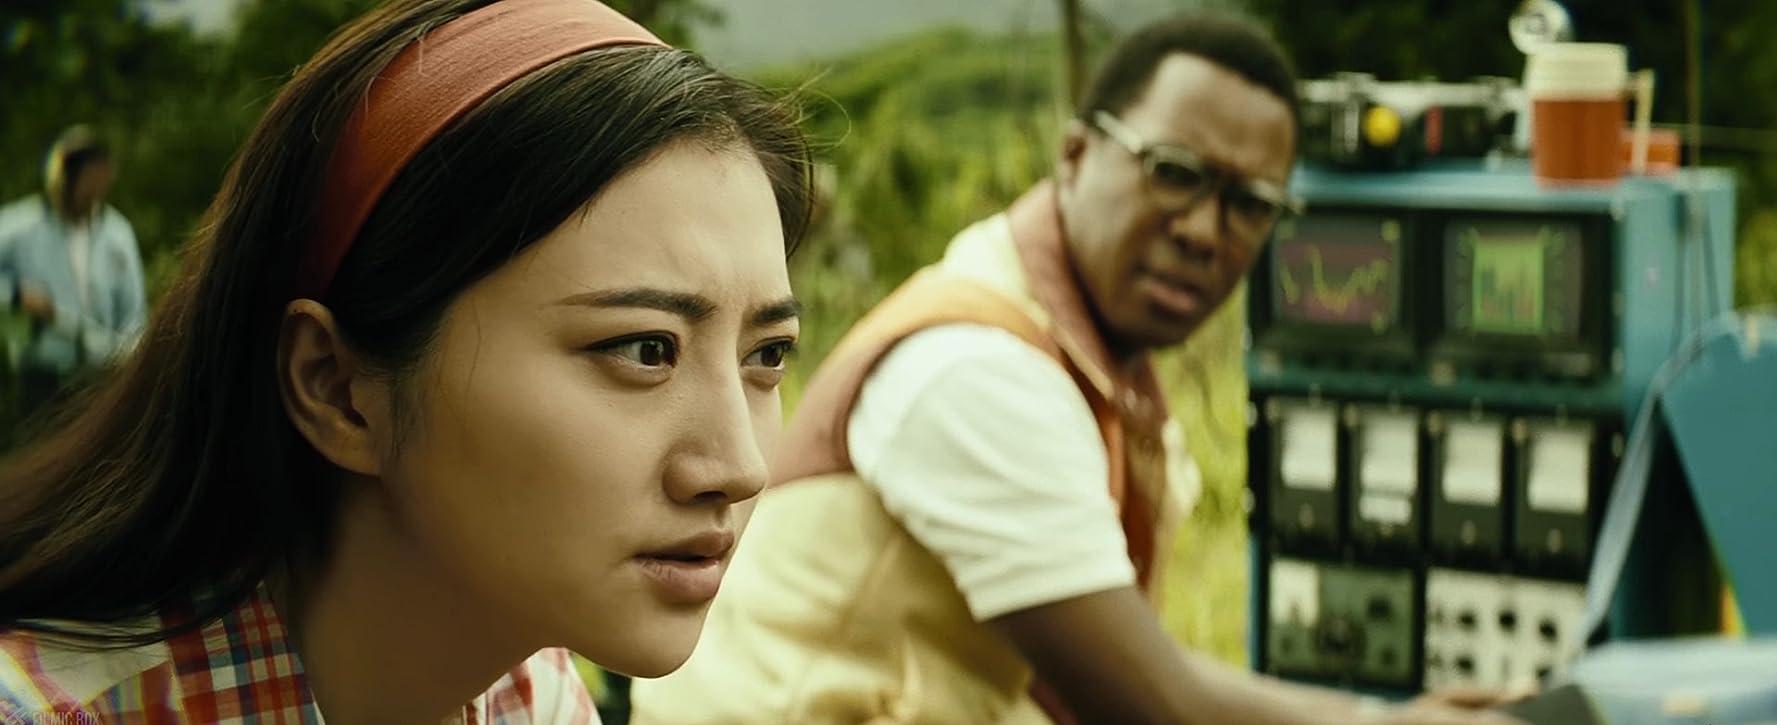 Tian Jing and Corey Hawkins in Kong: Skull Island (2017)